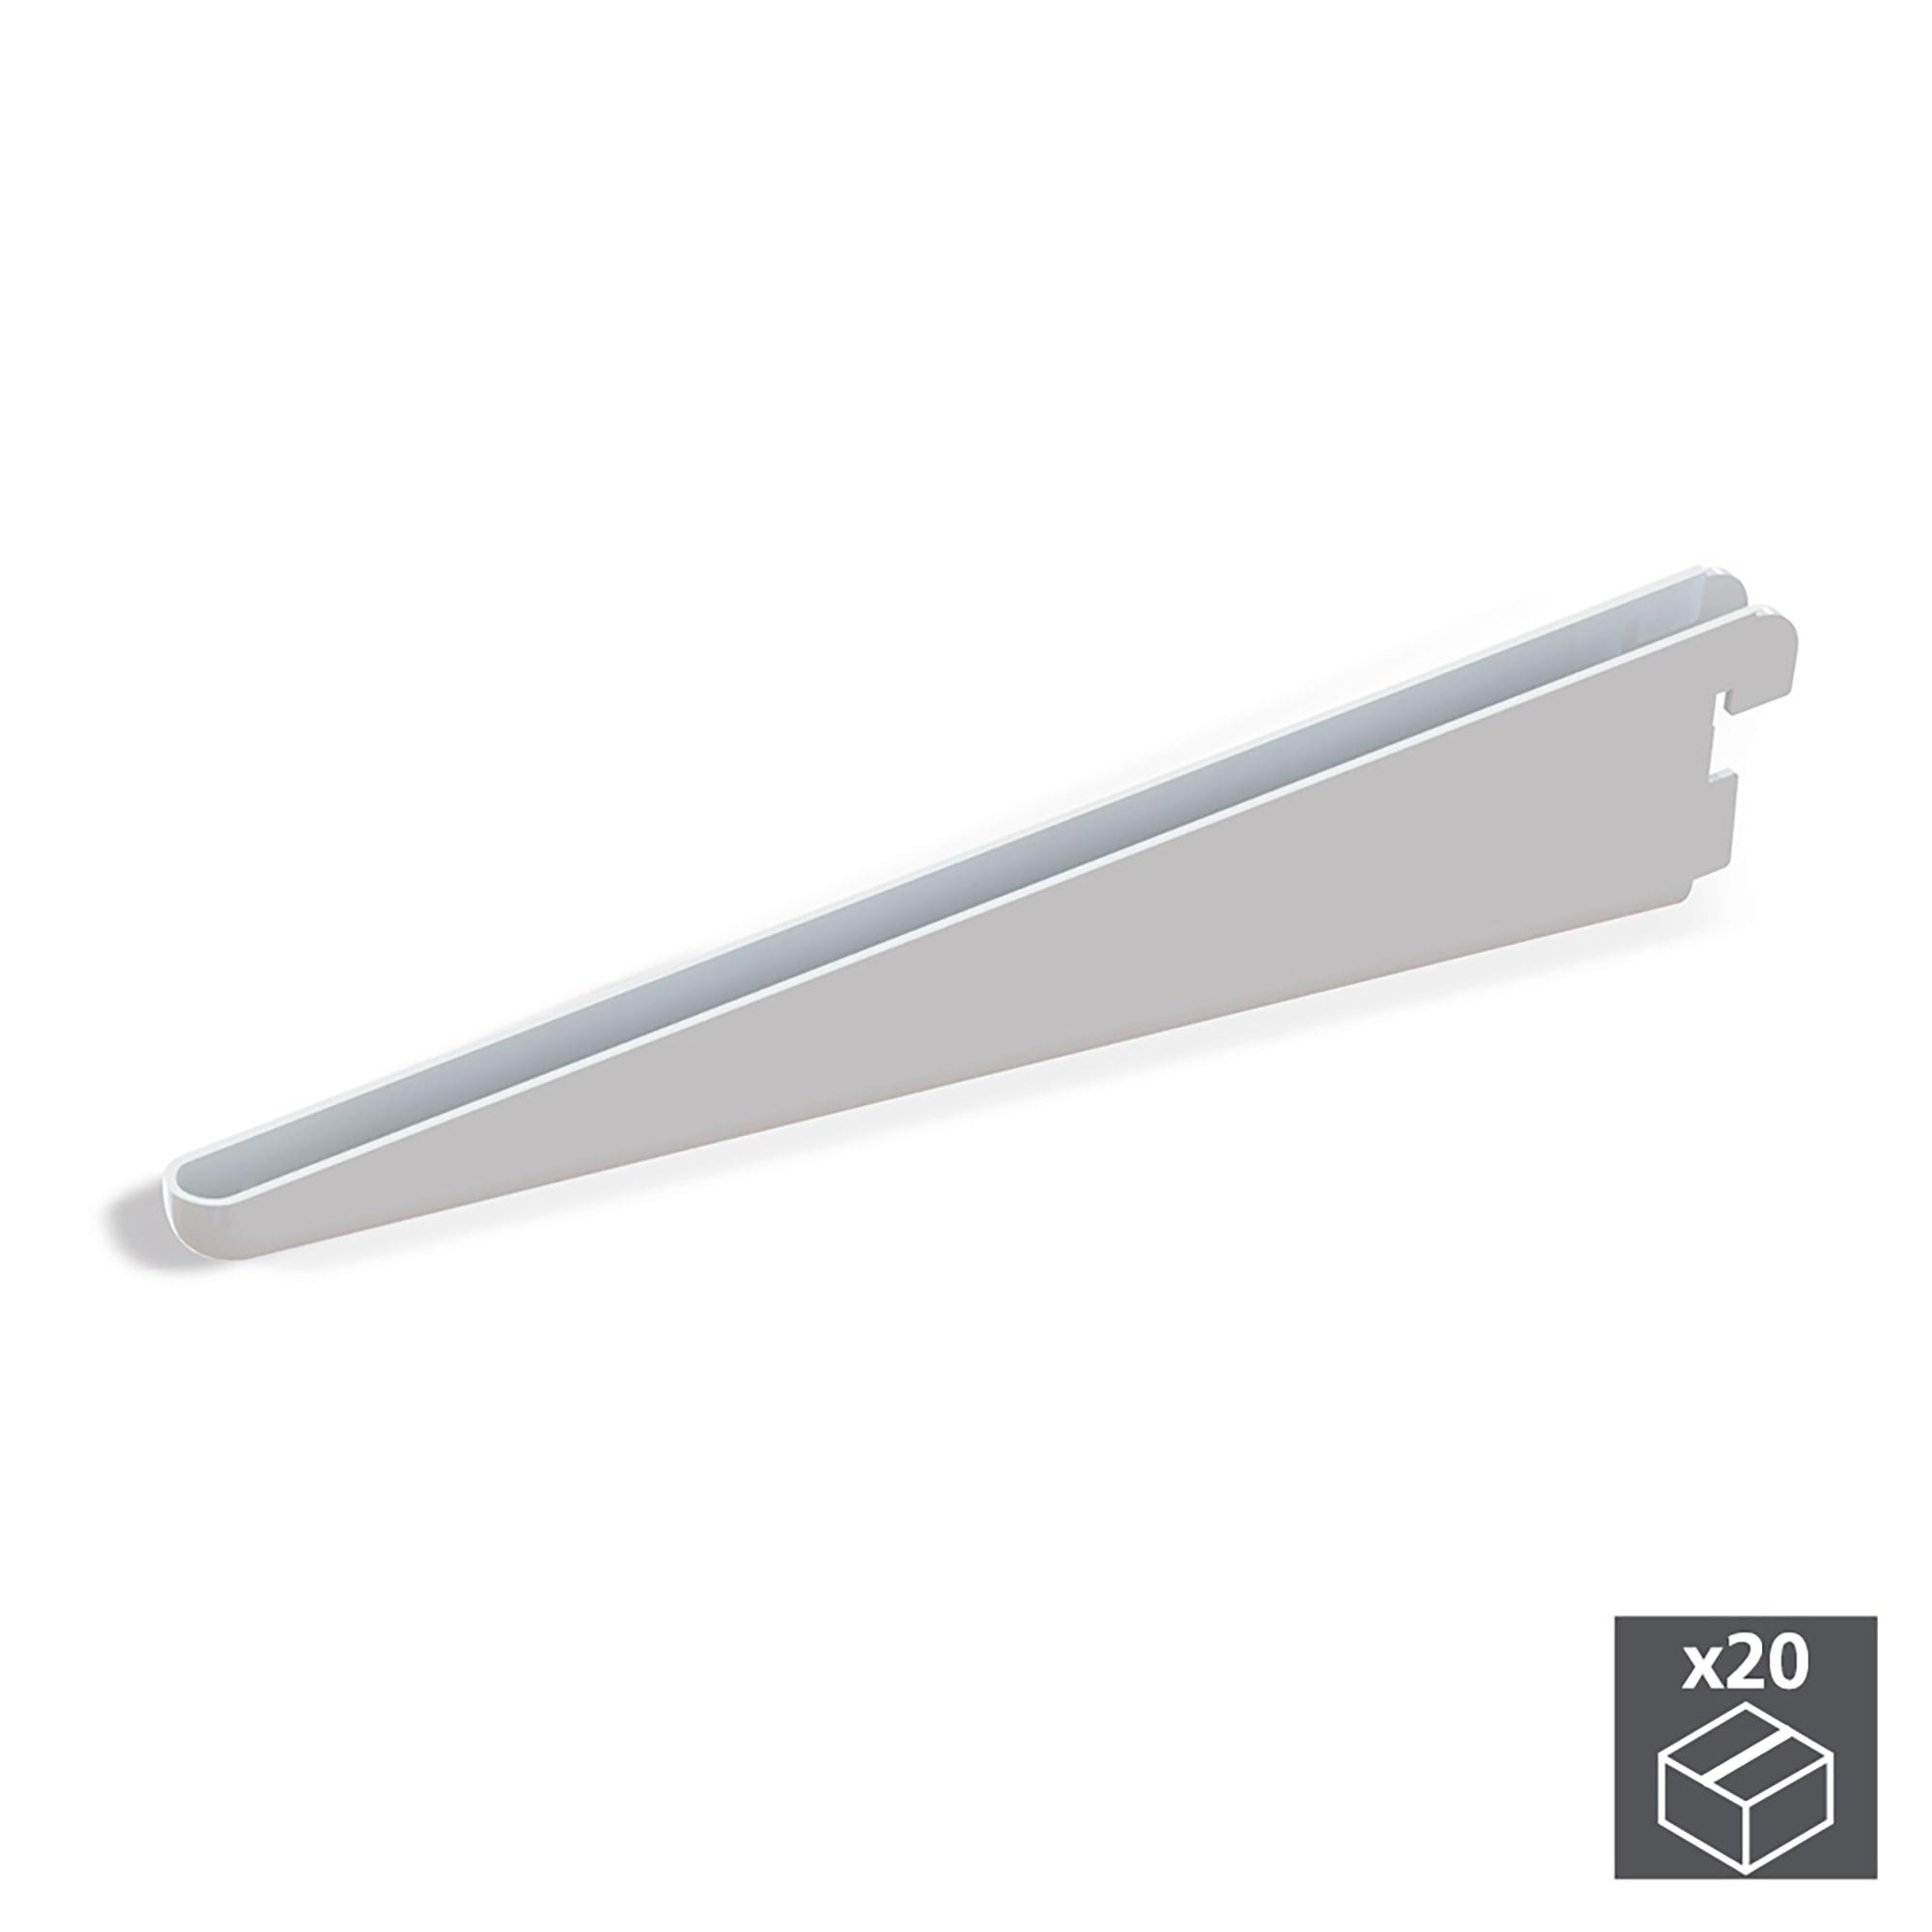 Emuca Supporto per ripiani di legno/vetro, profilo a passo 32 mm, 270 mm, Acciaio, Bianco, 20 u.